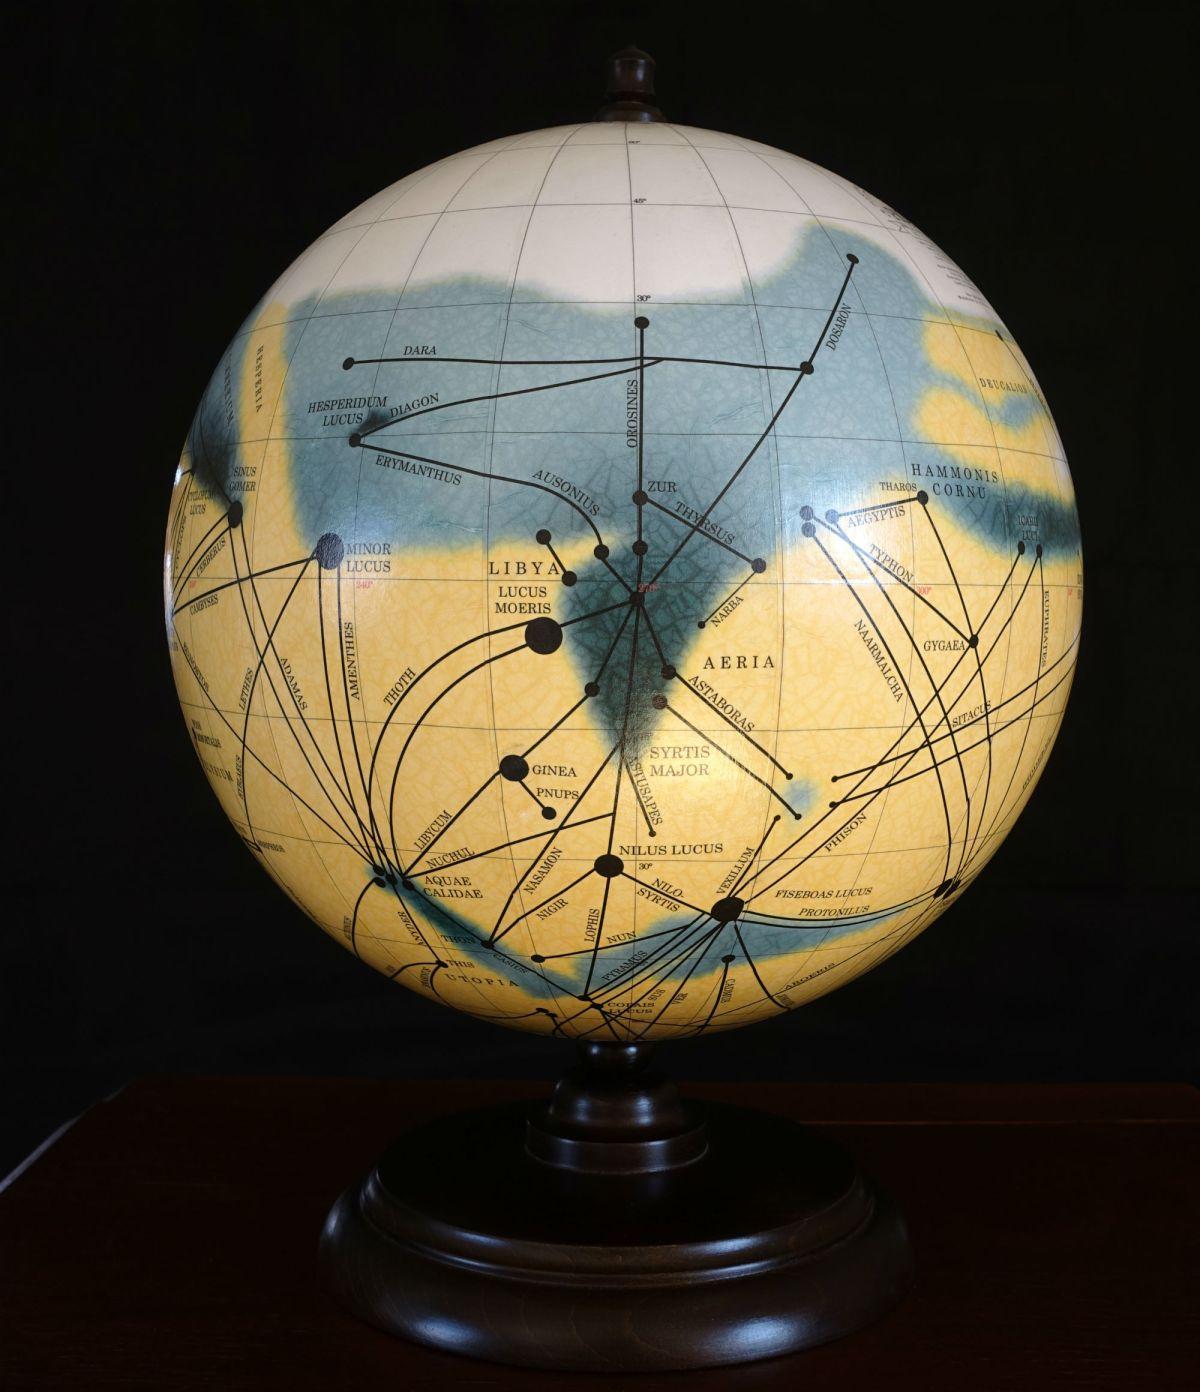 Il primo mappamondo di Mars Globes, con la storica mappa di Marte realizzata nel 1905 da Percival Lowell